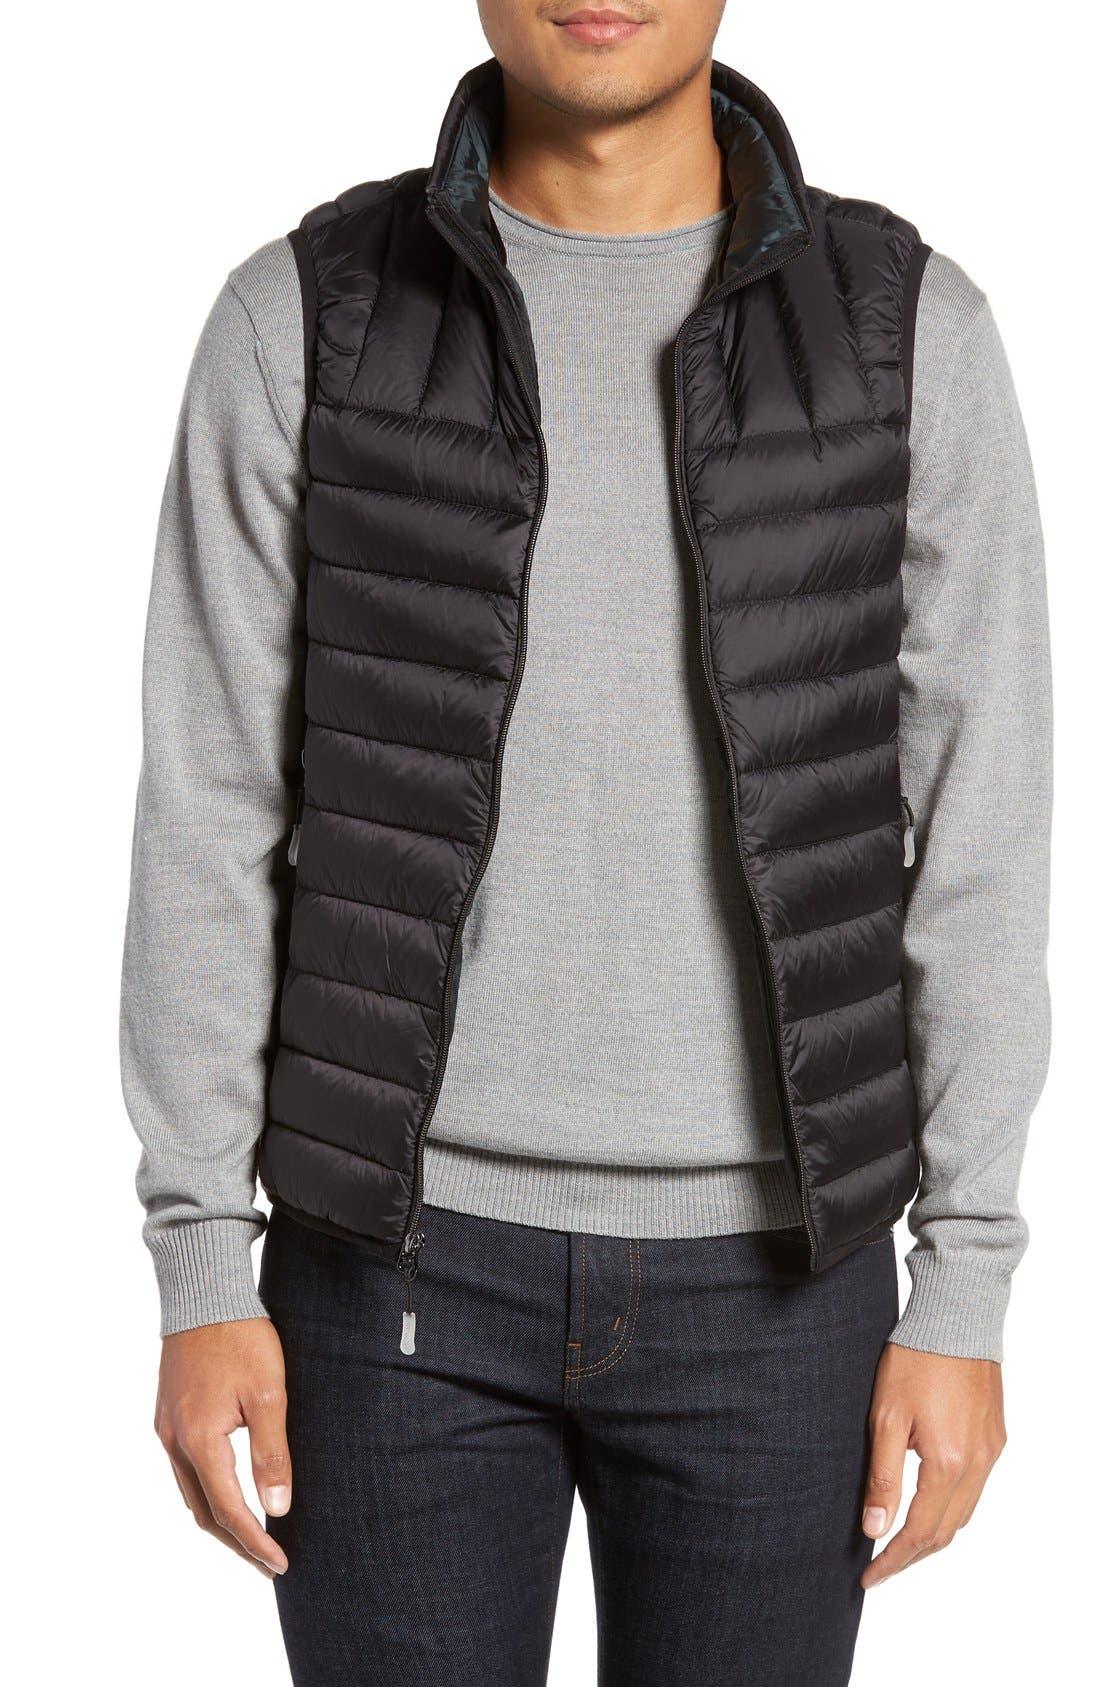 Tumi Packable Down Vest